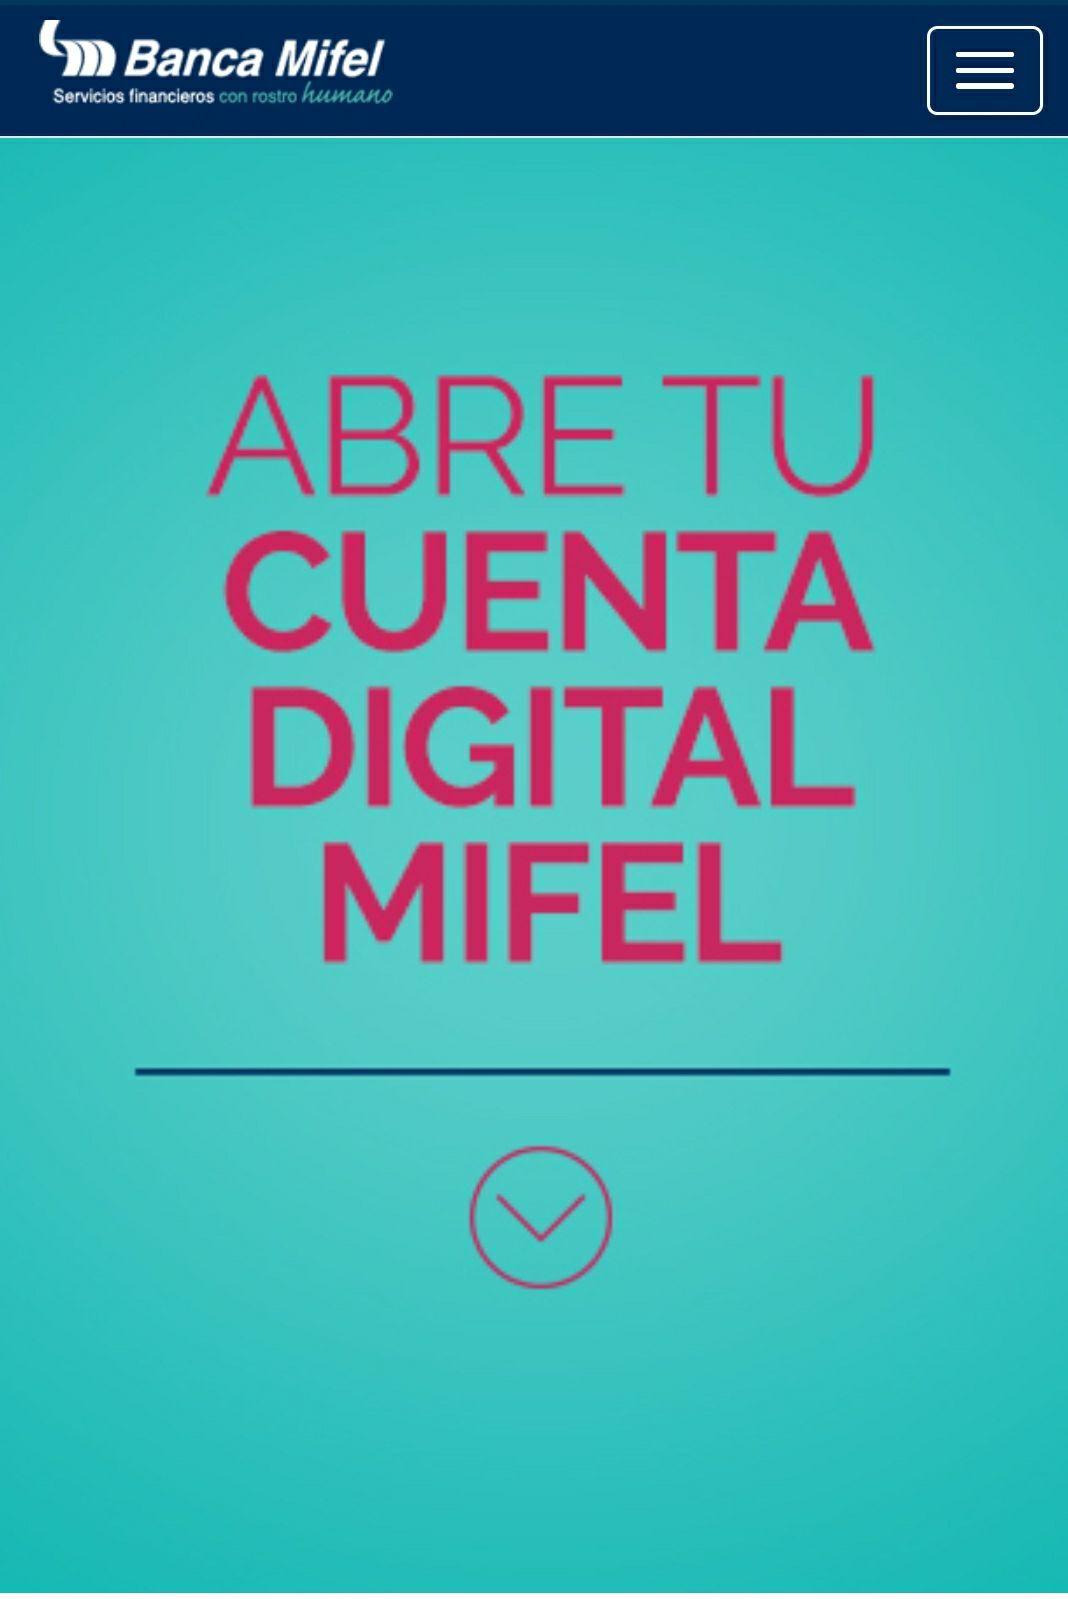 """Cuenta Digital Mifel """"GRATIS"""" $0.00 Comisiones"""